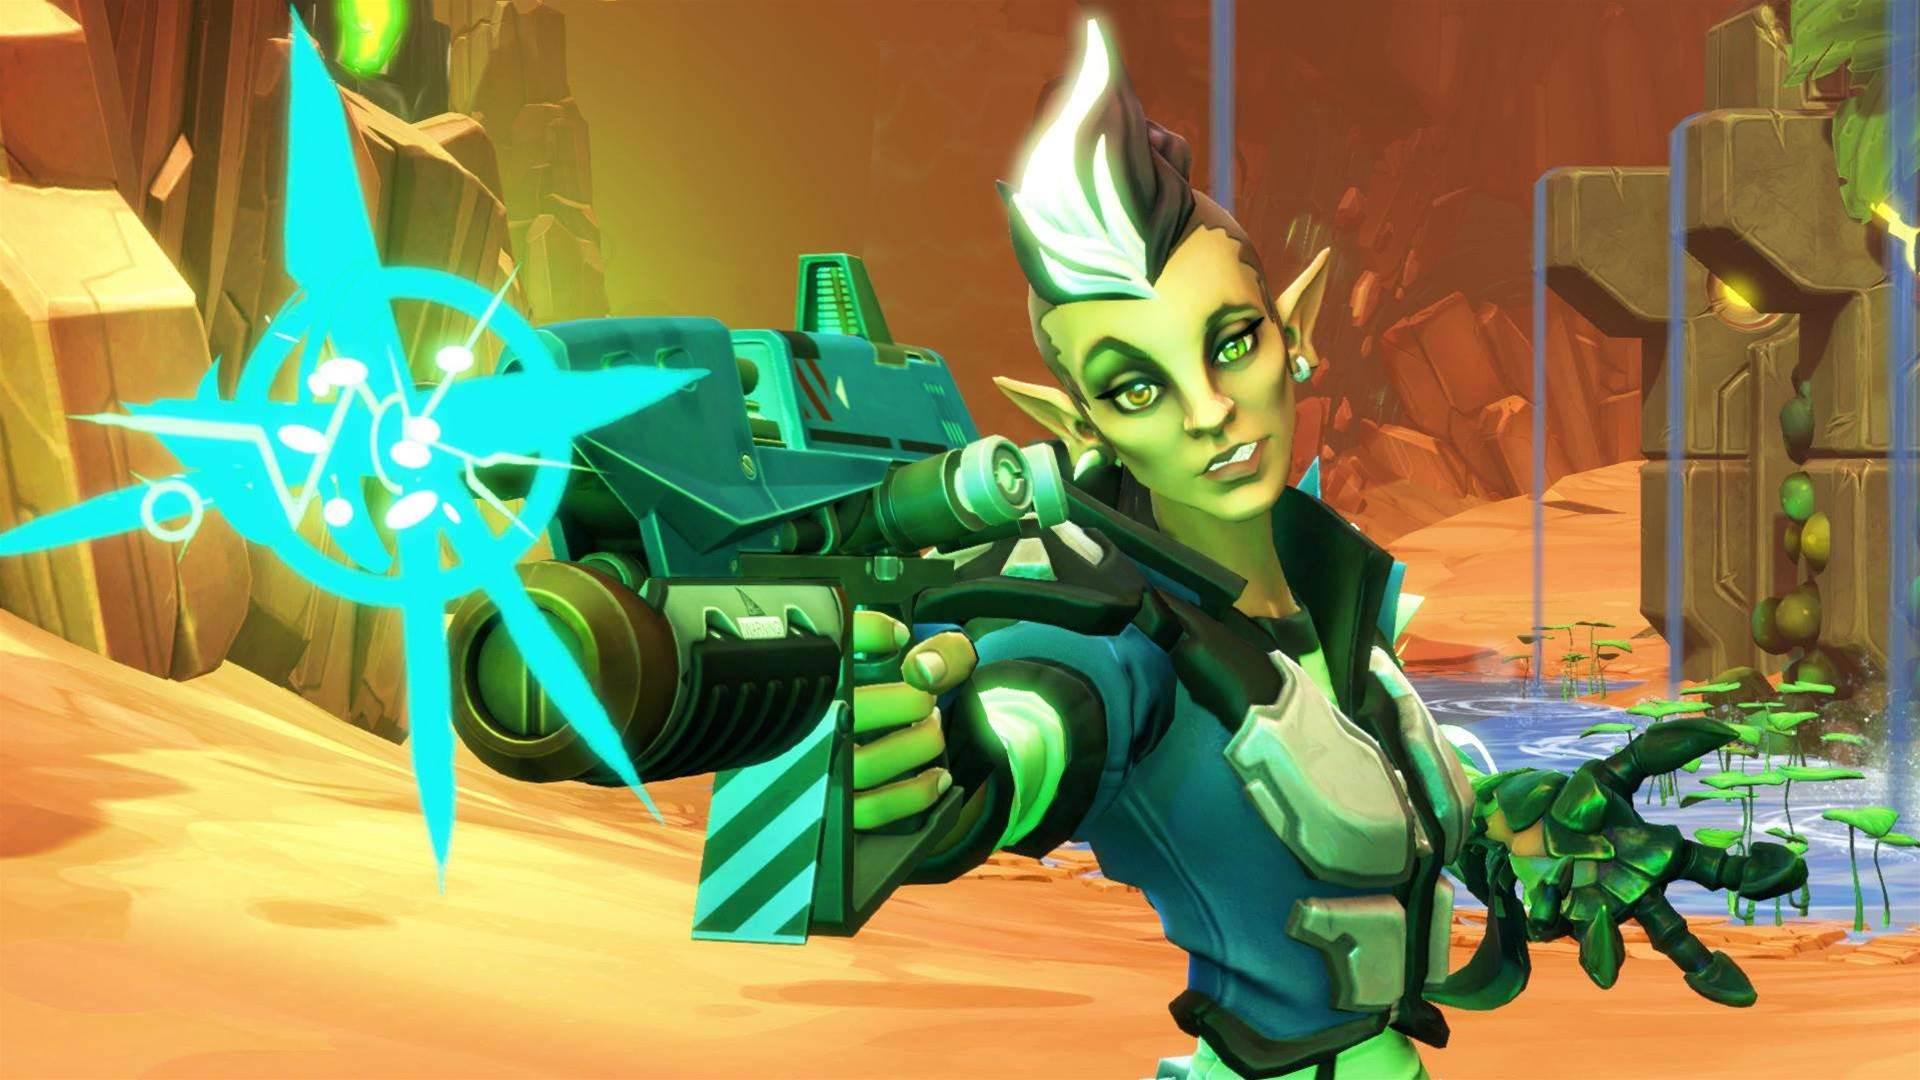 Battleborn screenshots